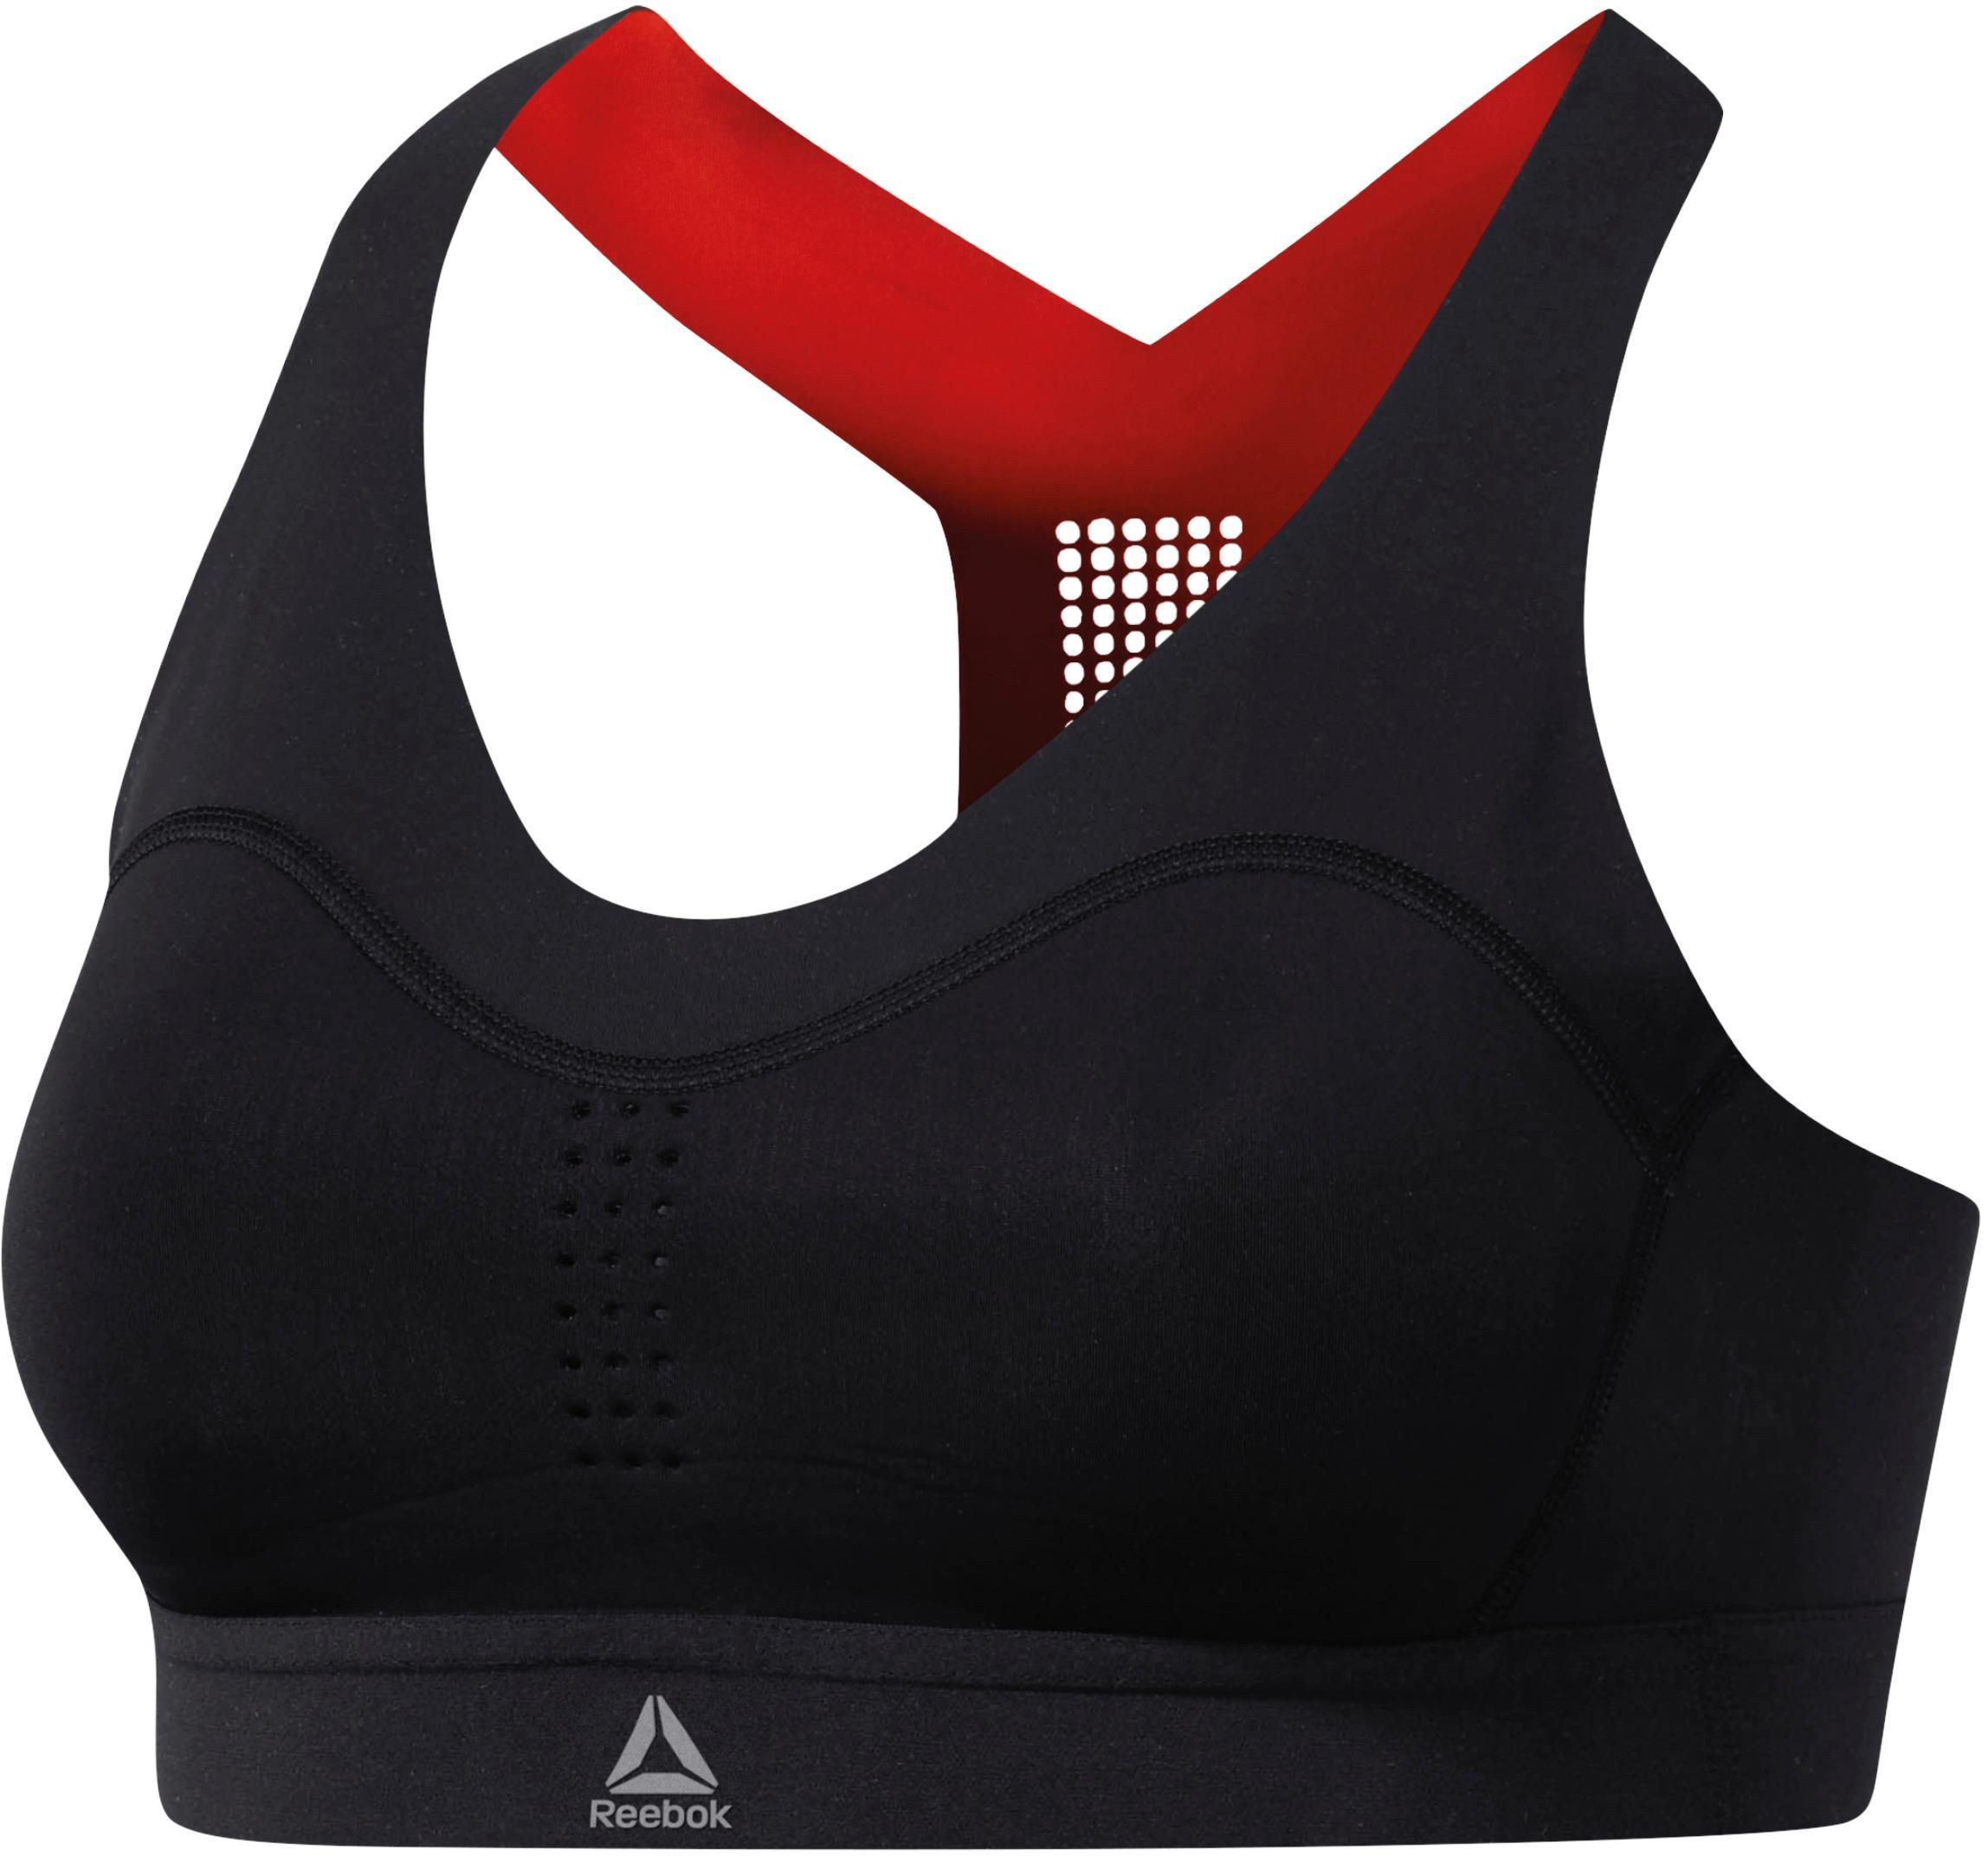 Shop Damen Reebok Von Grey Sportscheck Im Puremove Sport bh